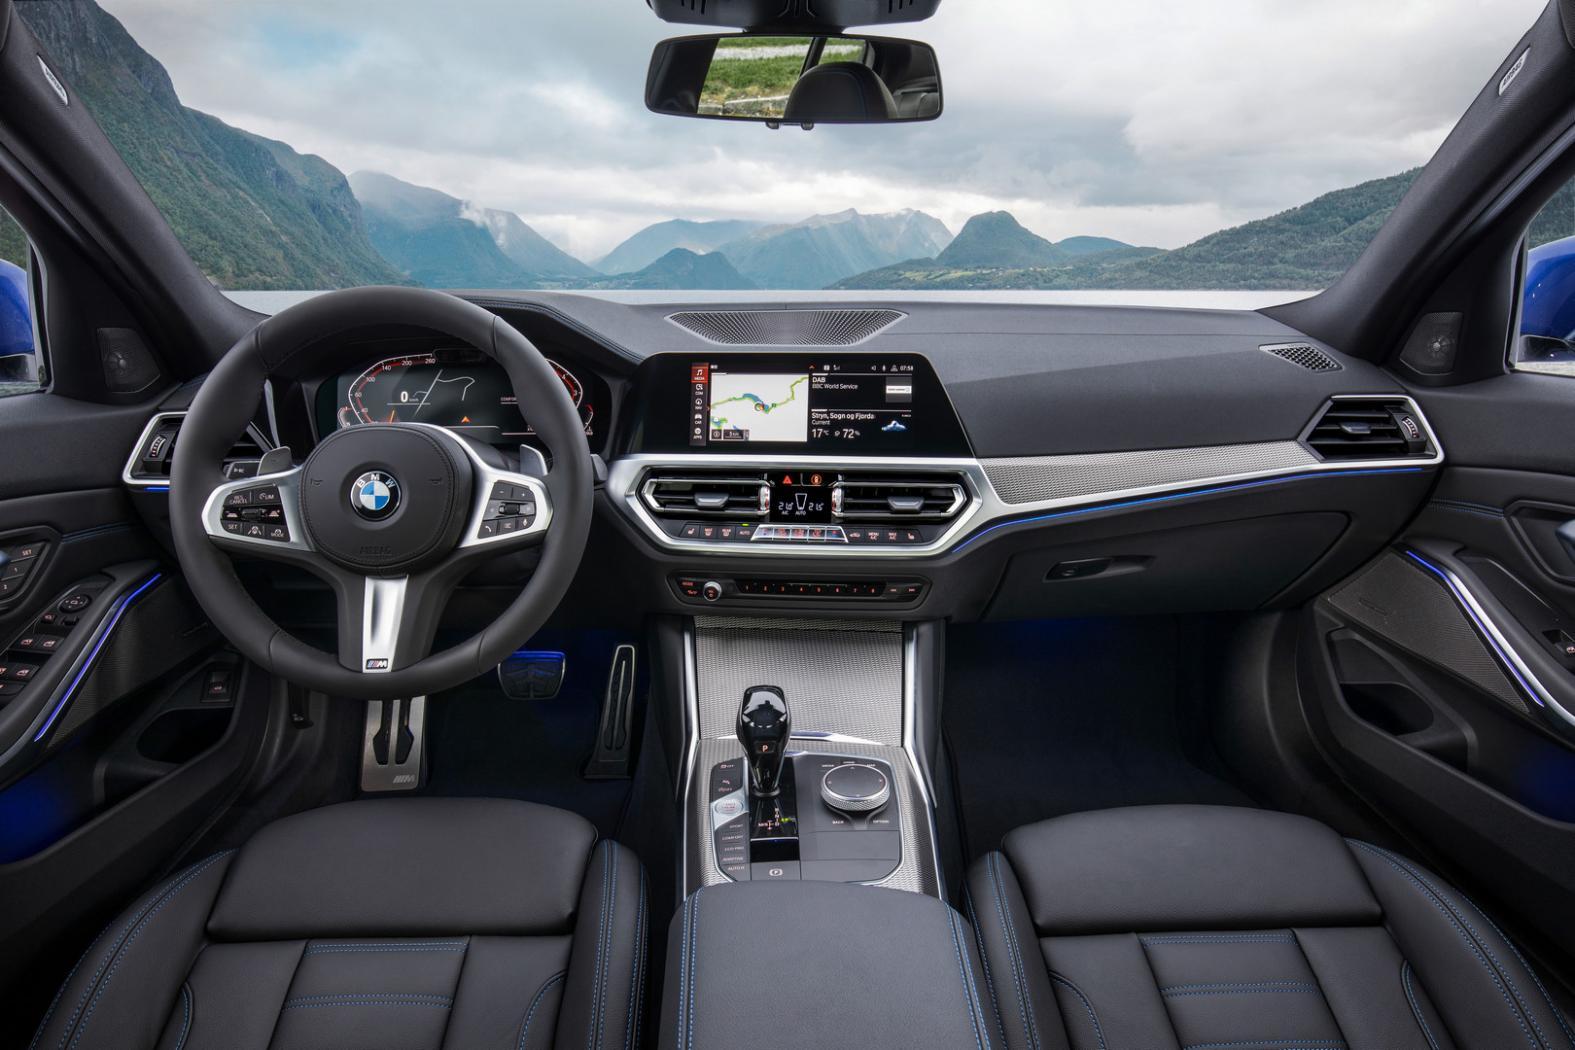 BMW-Serie-3--G20-une-nouvelle-generation-plus-sportive-et-mieux-equipee-10.jpeg